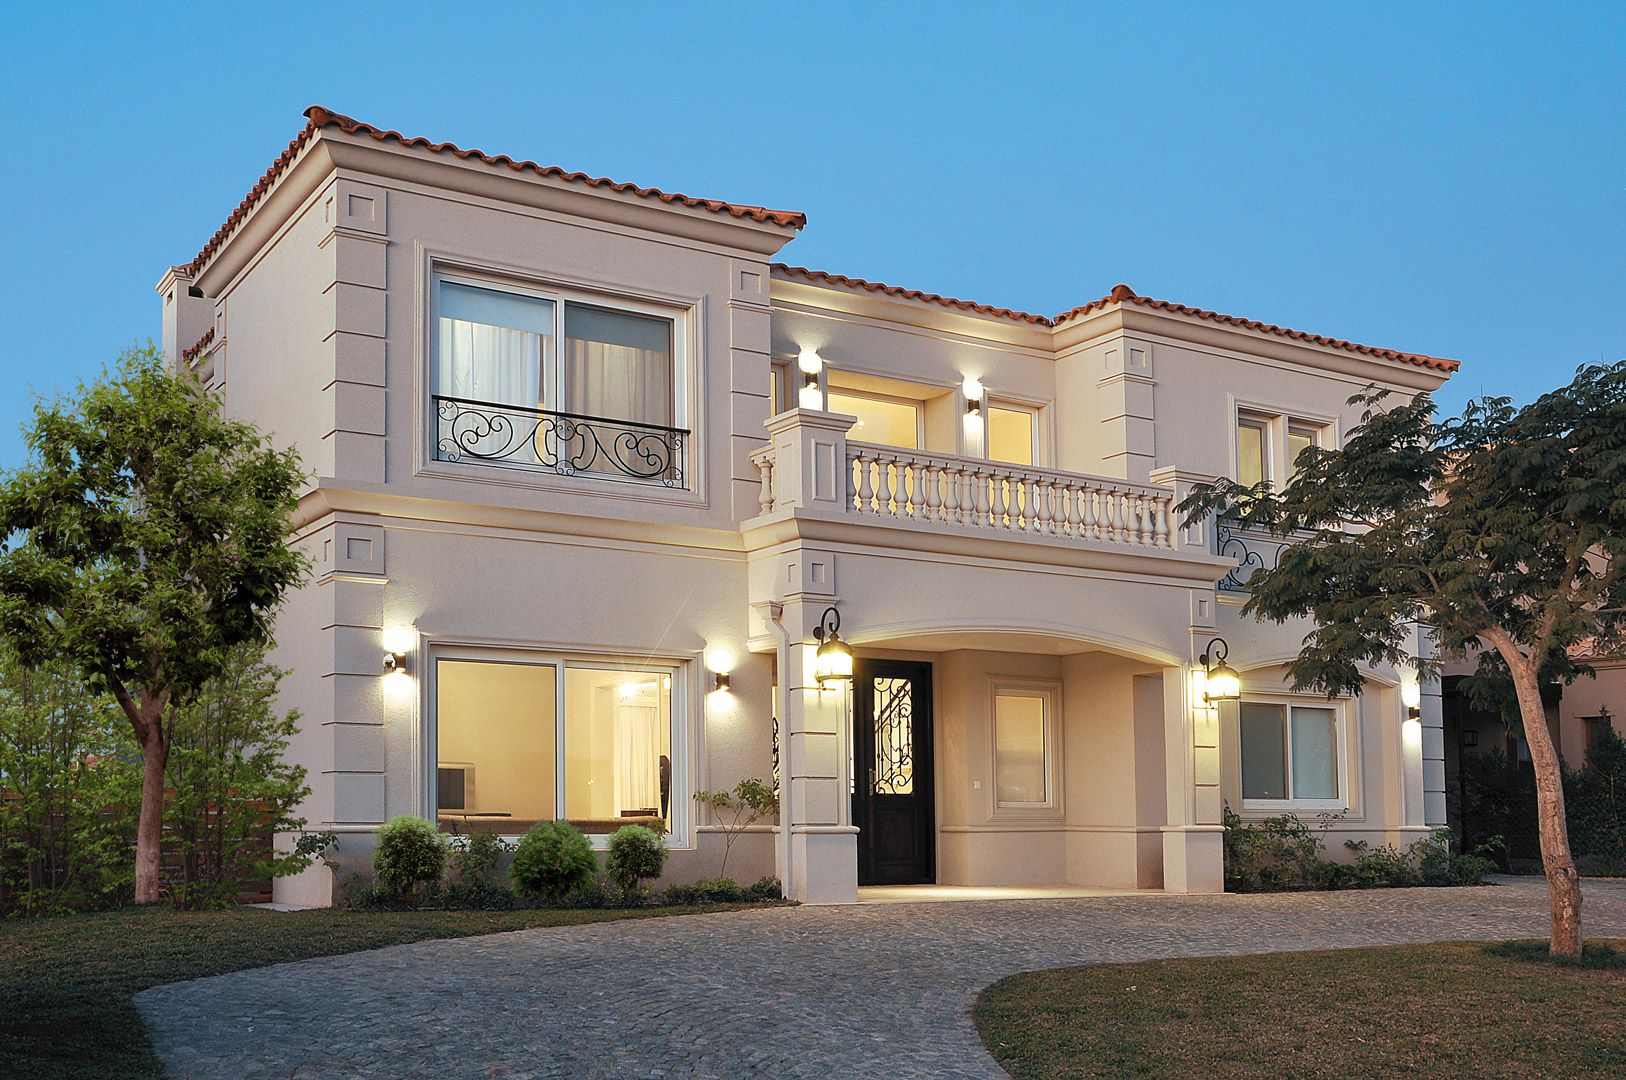 Housing construcciones arq casa estilo arquitectos y for Construcciones modernas